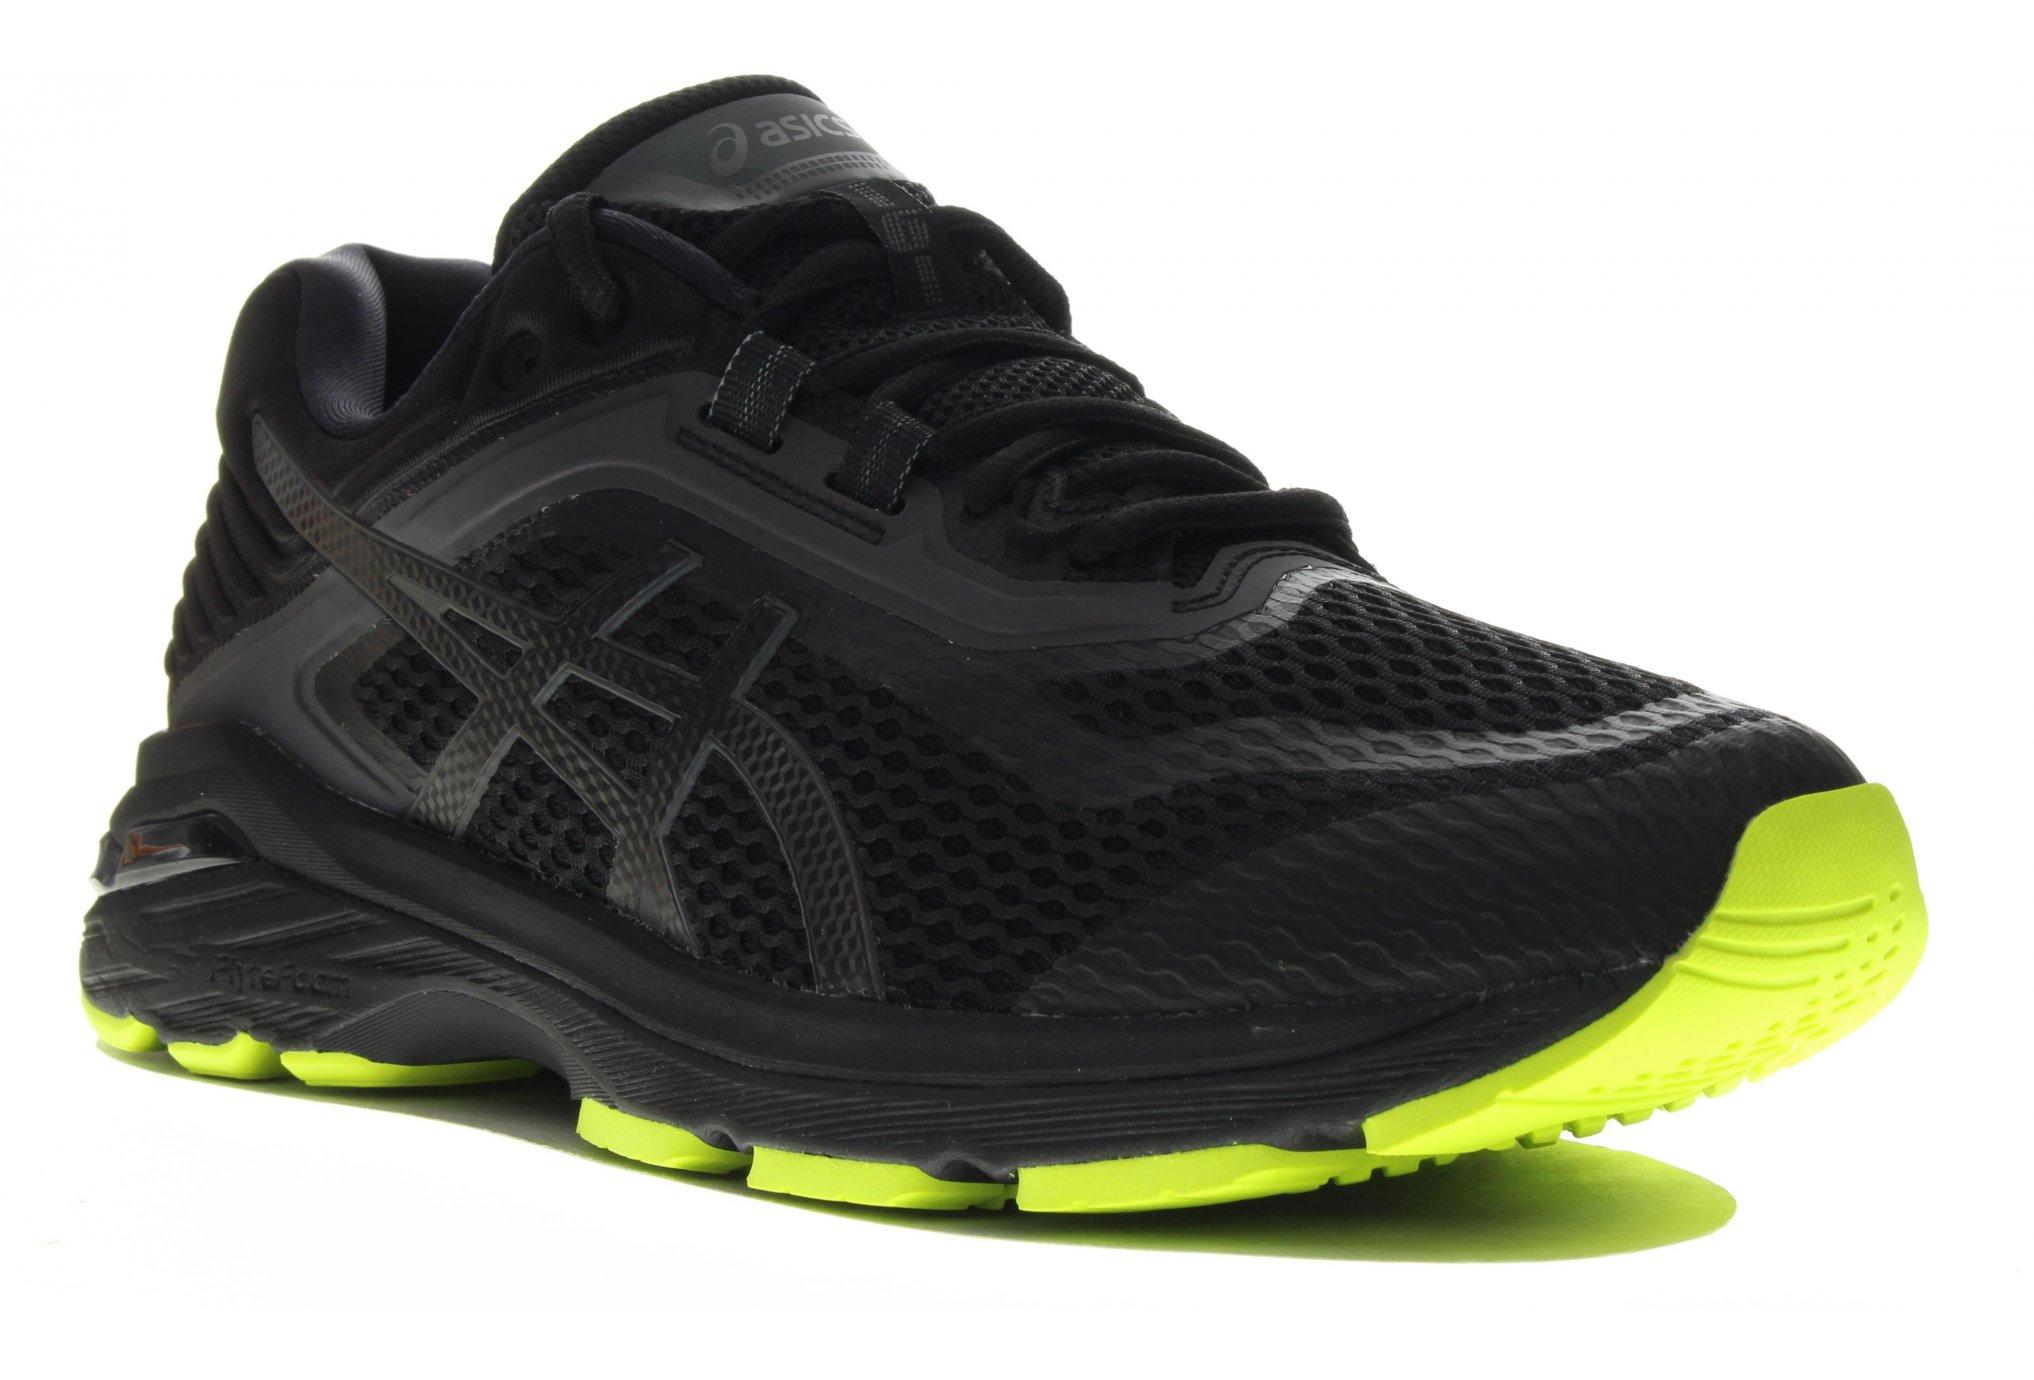 Asics GT-2000 6 Expert M Diététique Chaussures homme